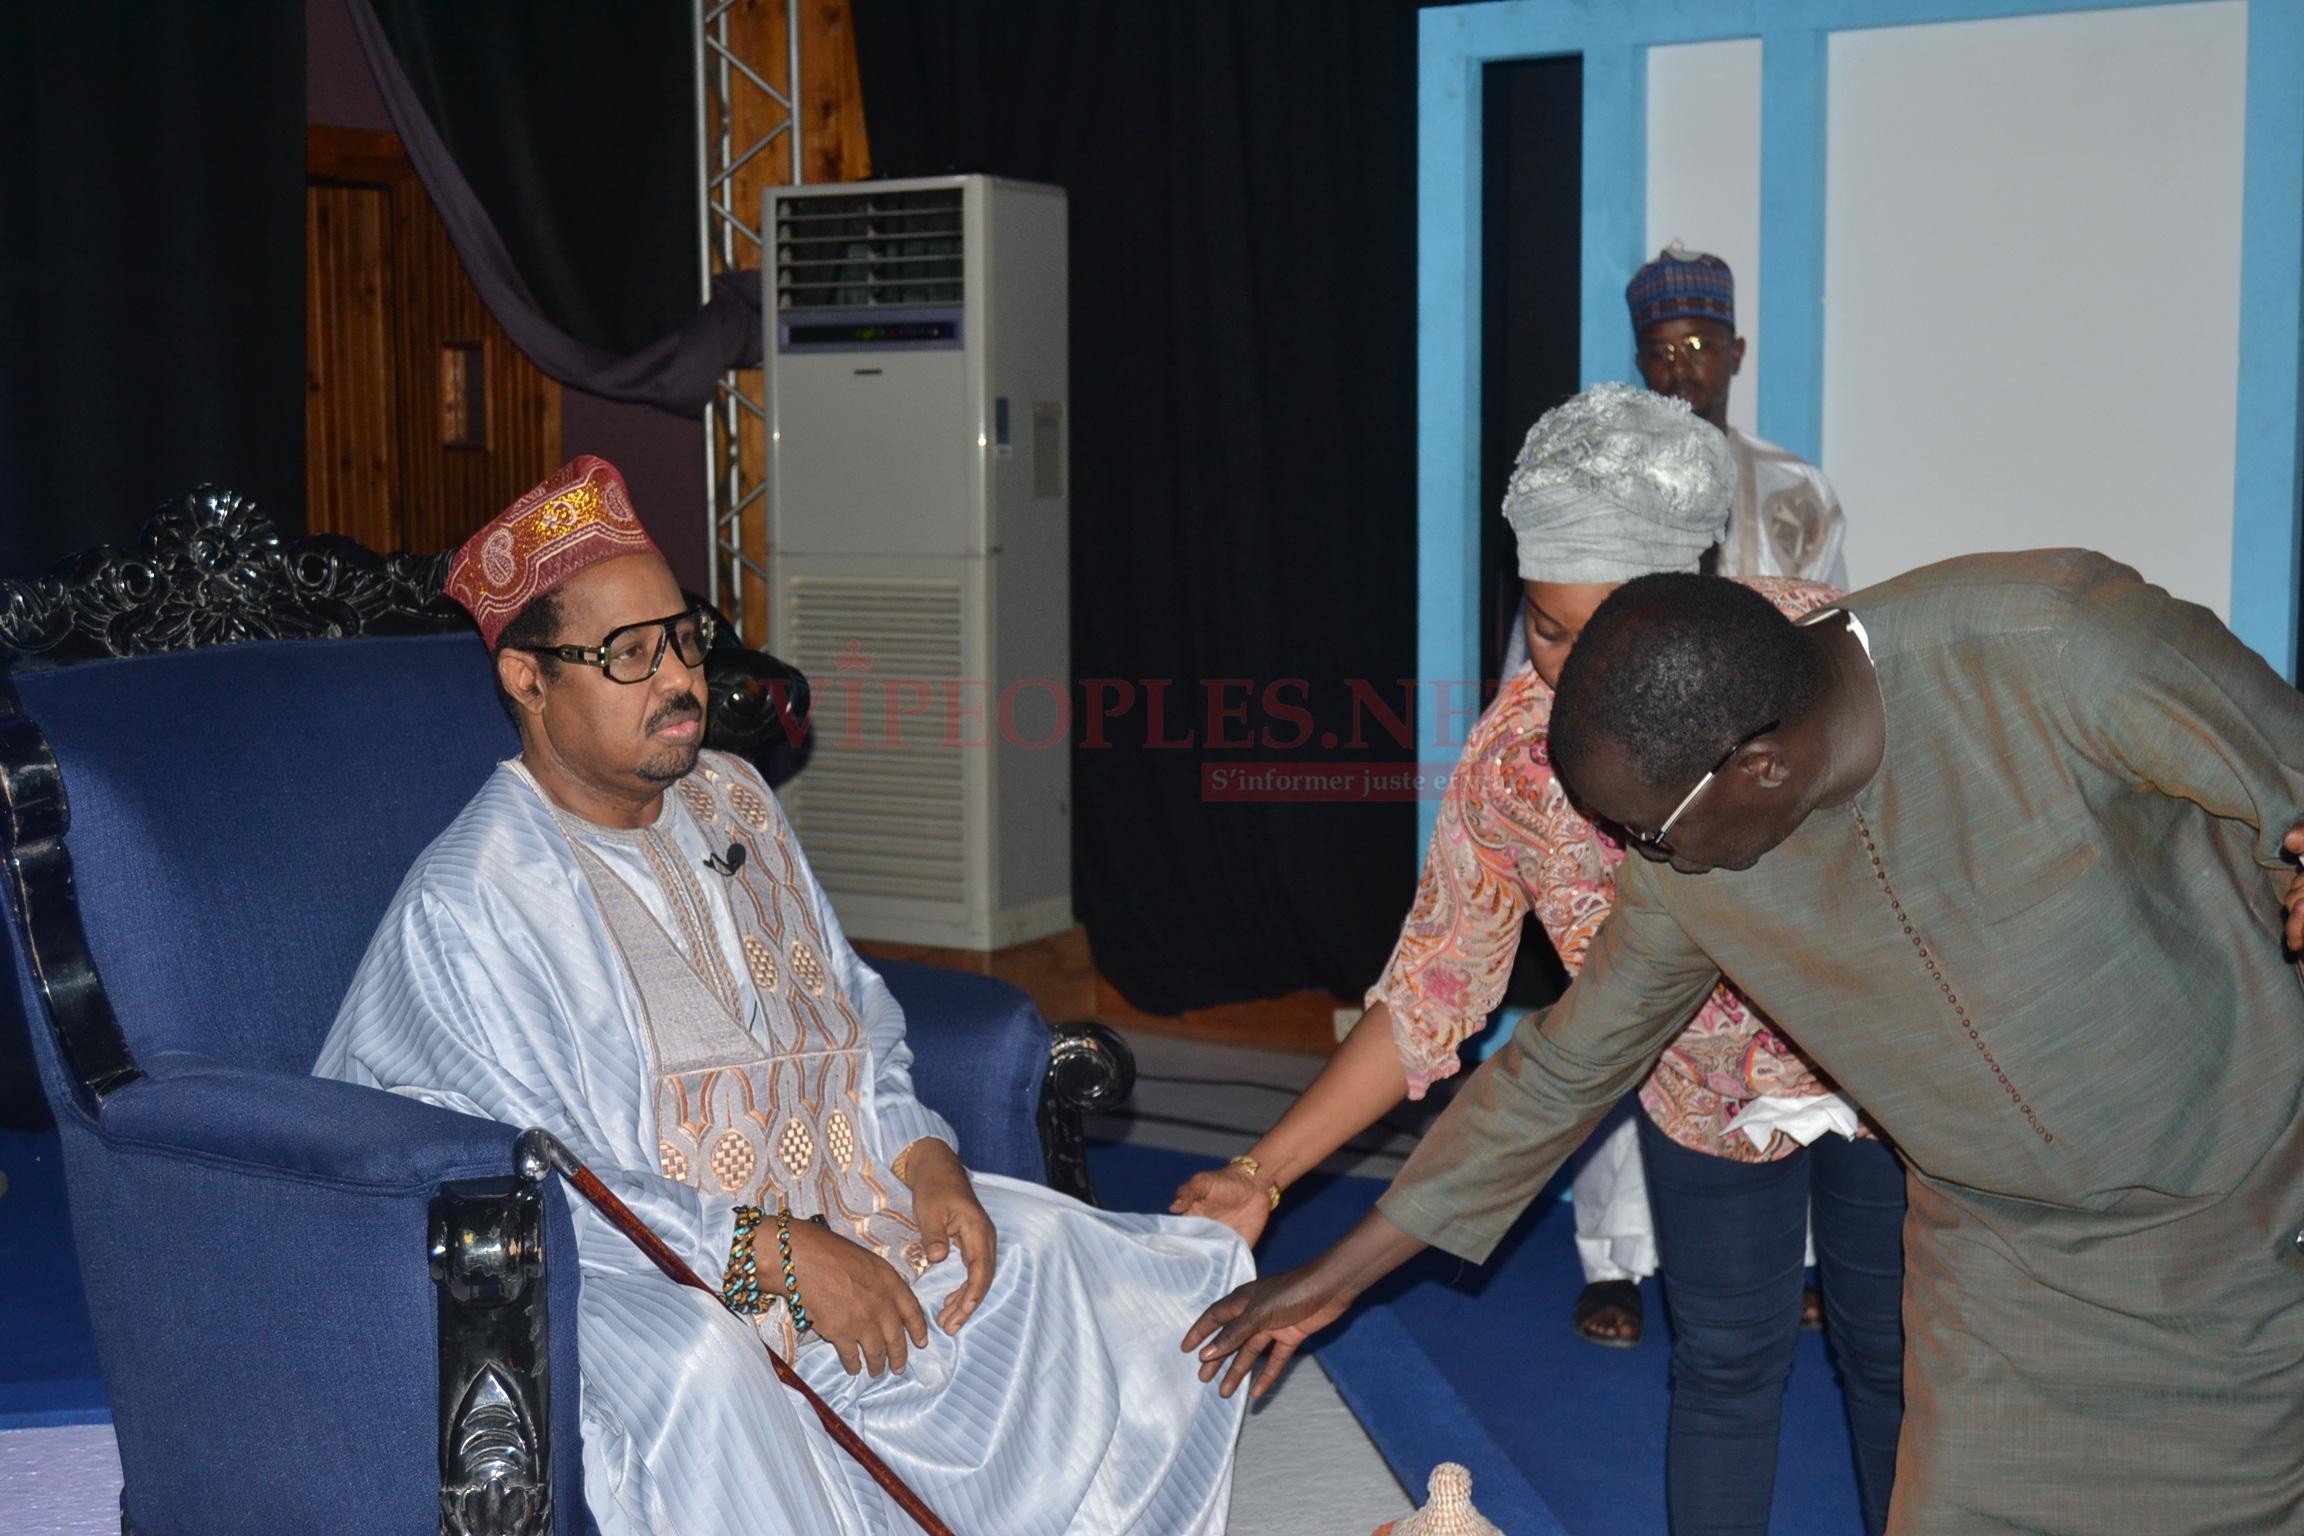 Réplique à Gaston Mbengue, Ousmane Sonko, pétrole, fer,Grace de de Khalifa Sall: Ameth Khalifa Niasse déballe tout sur Célébrité en ligne sur la 2STV. REGARDEZ